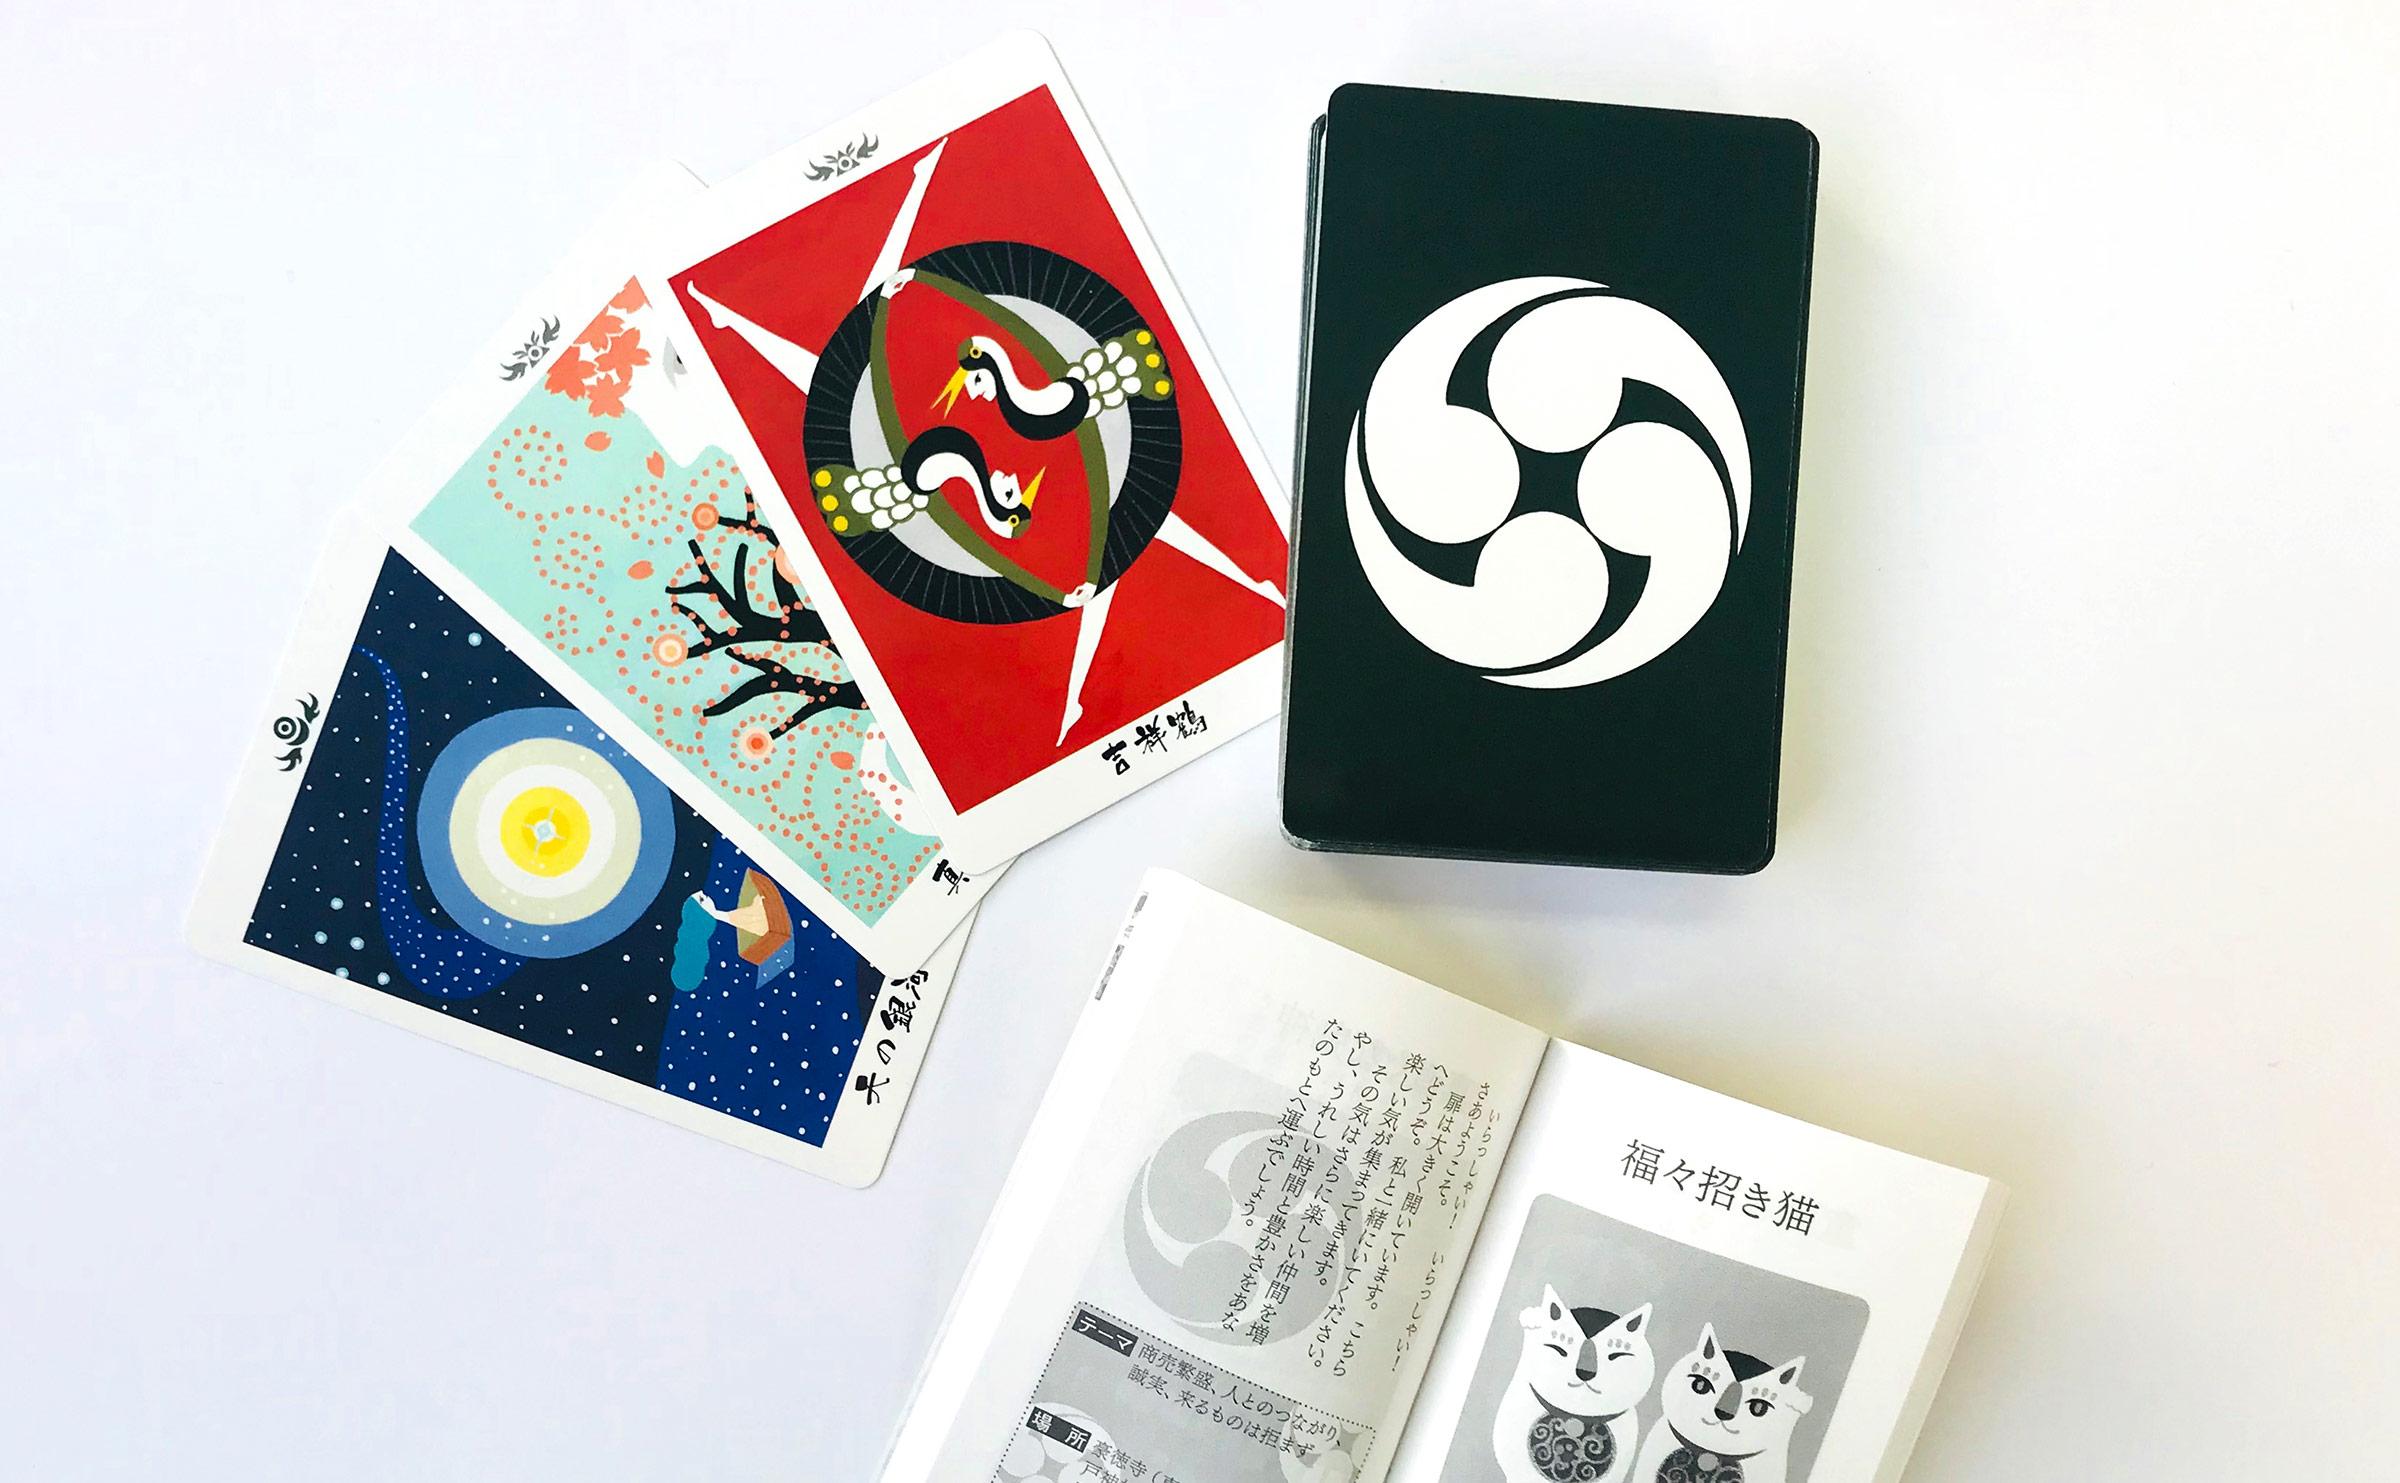 日本の信託オラクルカード